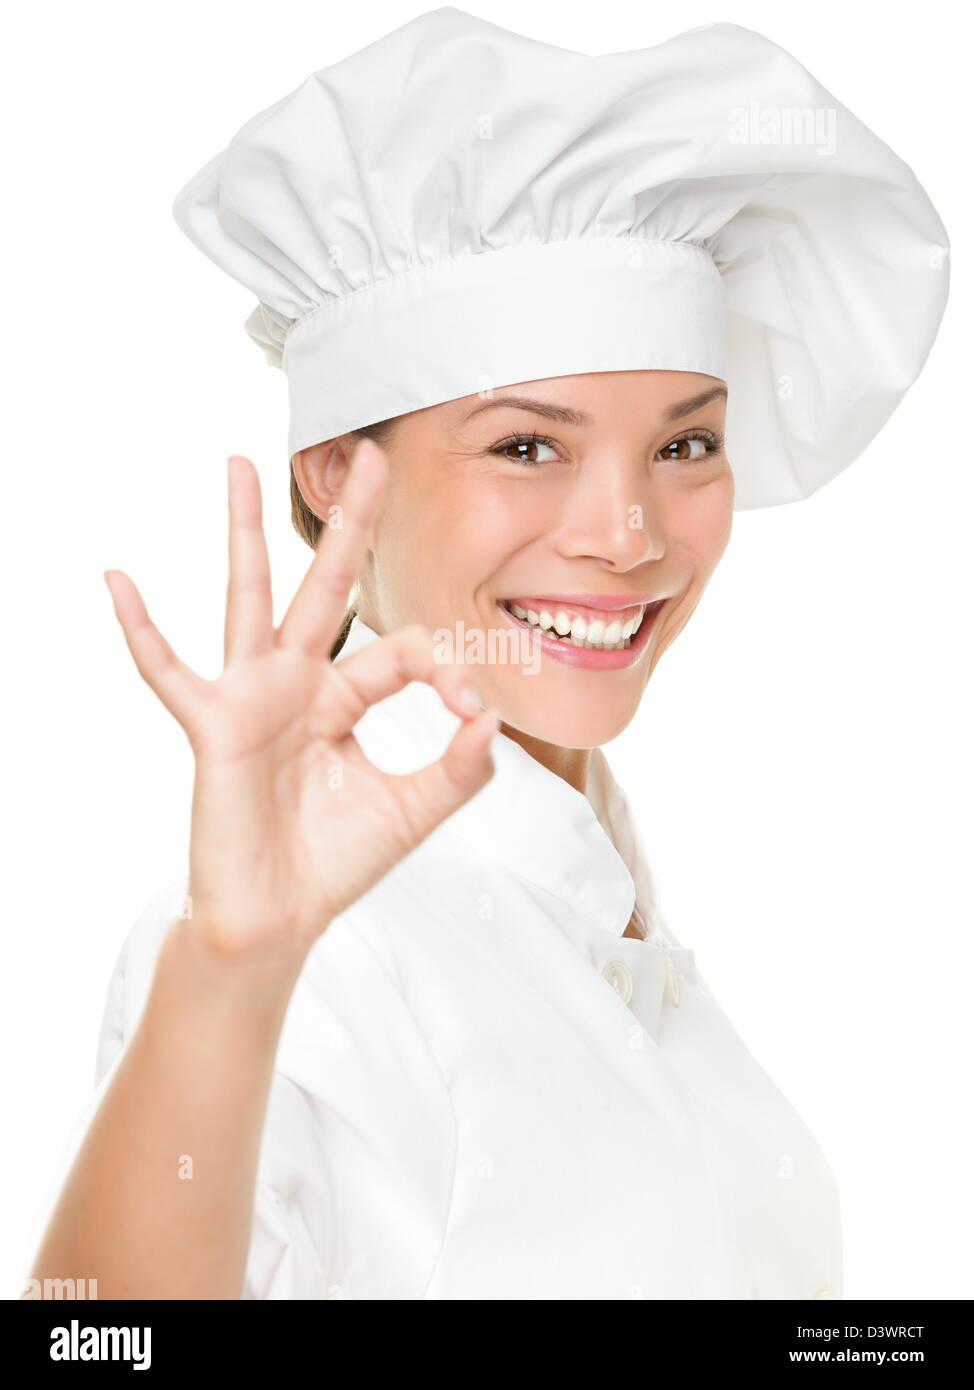 Porträt von Mischlinge weiblich Kochen tragen Kochmütze zeigt OK Handzeichen für Perfektion isoliert Stockbild